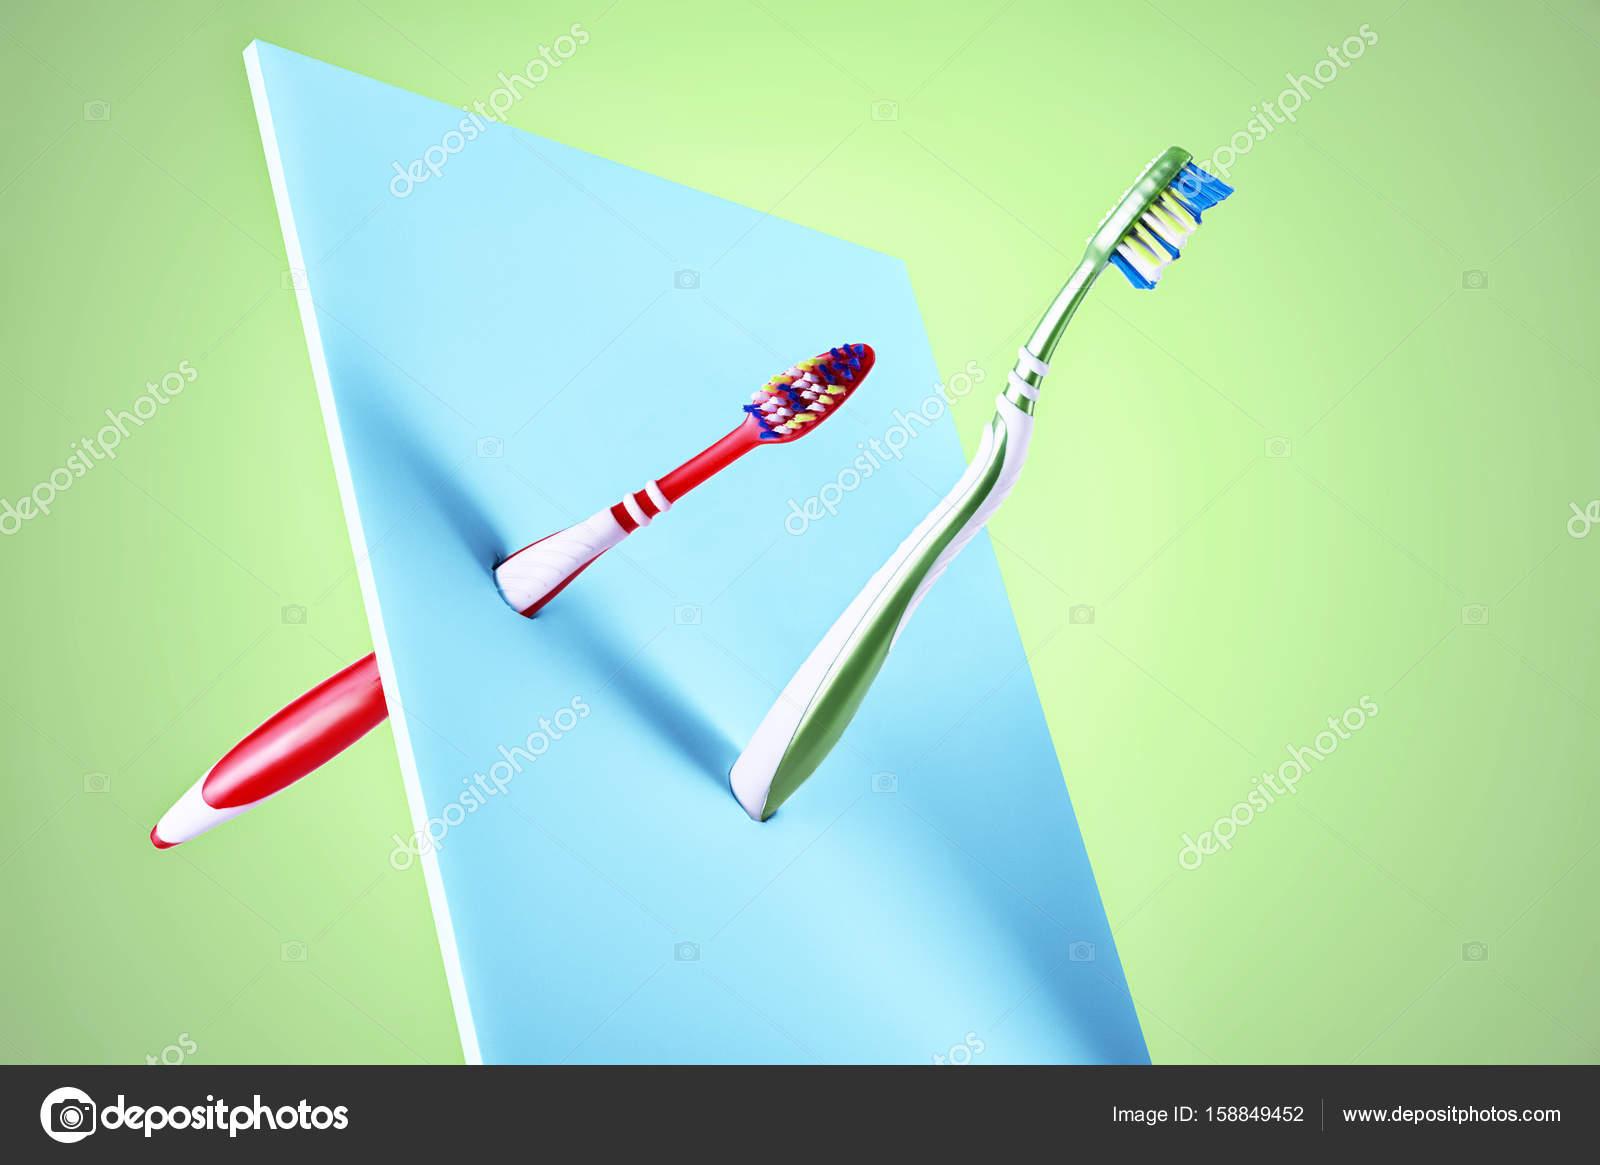 Visualizzazione di arte di plastica nuove due spazzolini da denti